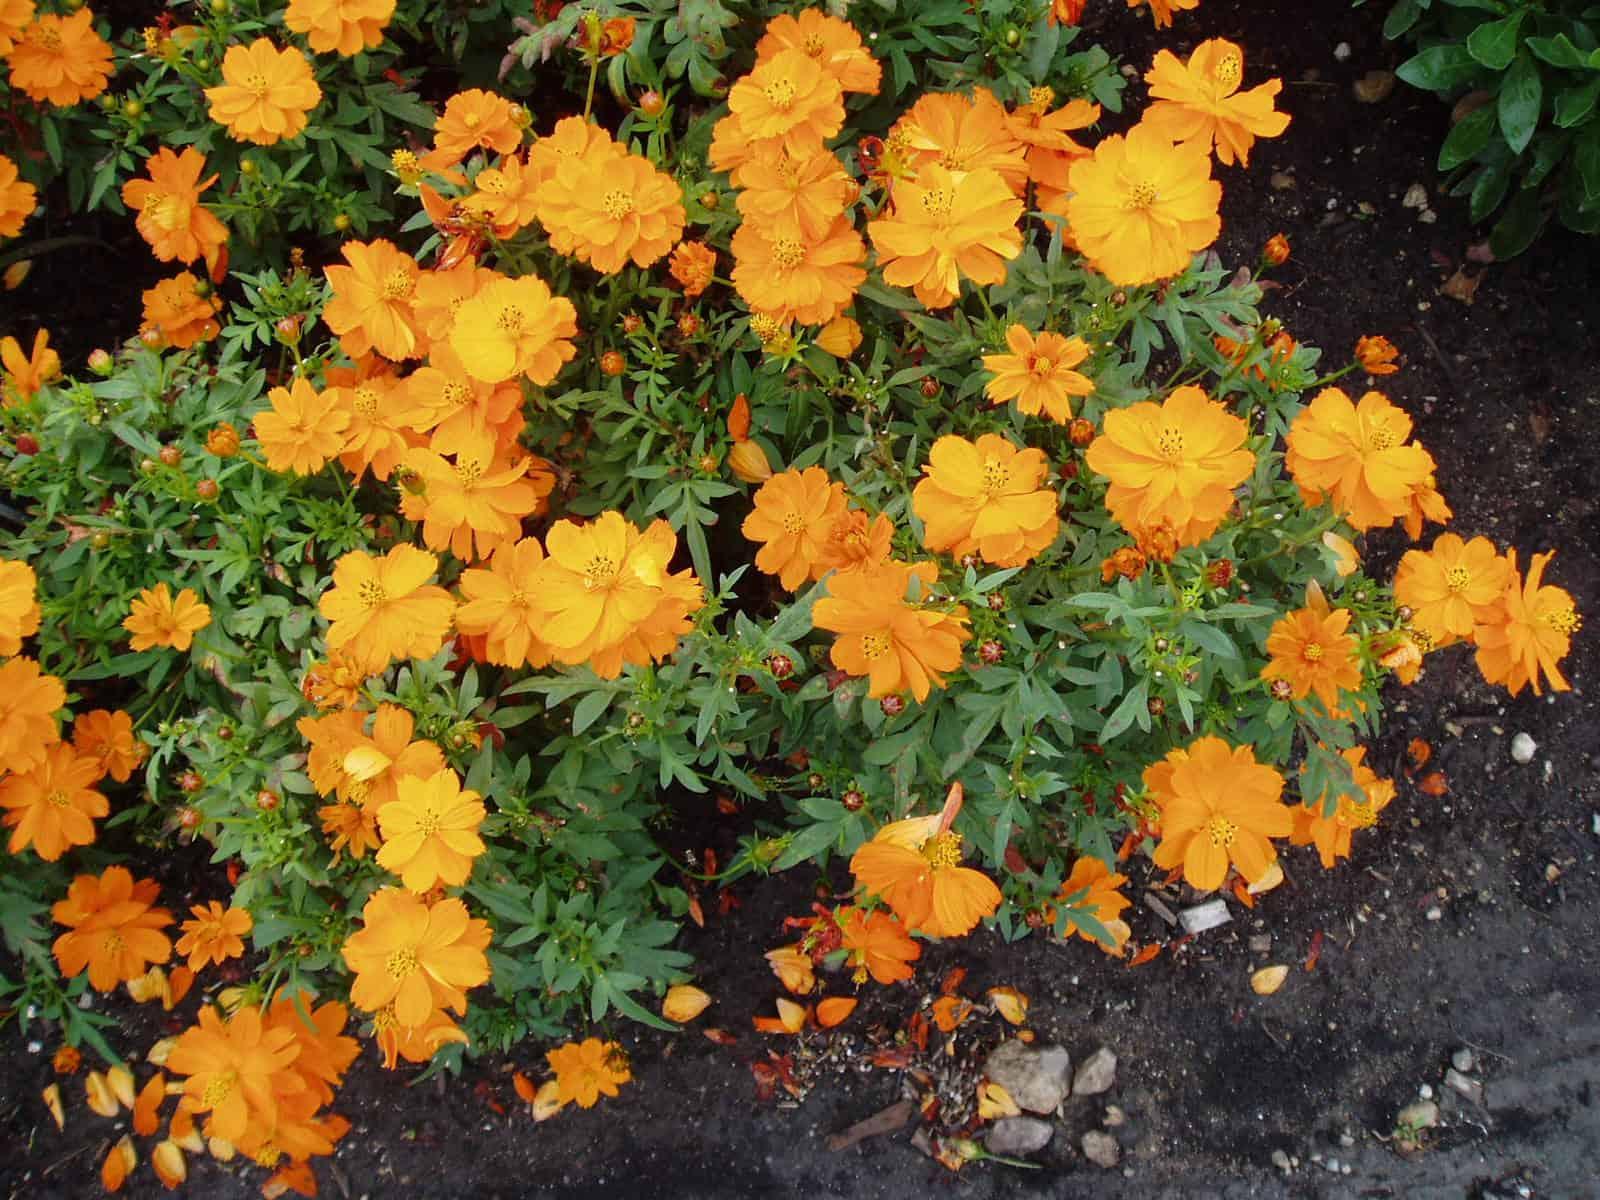 Cosmos cosmic orange all america selections cosmos cosmic orange izmirmasajfo